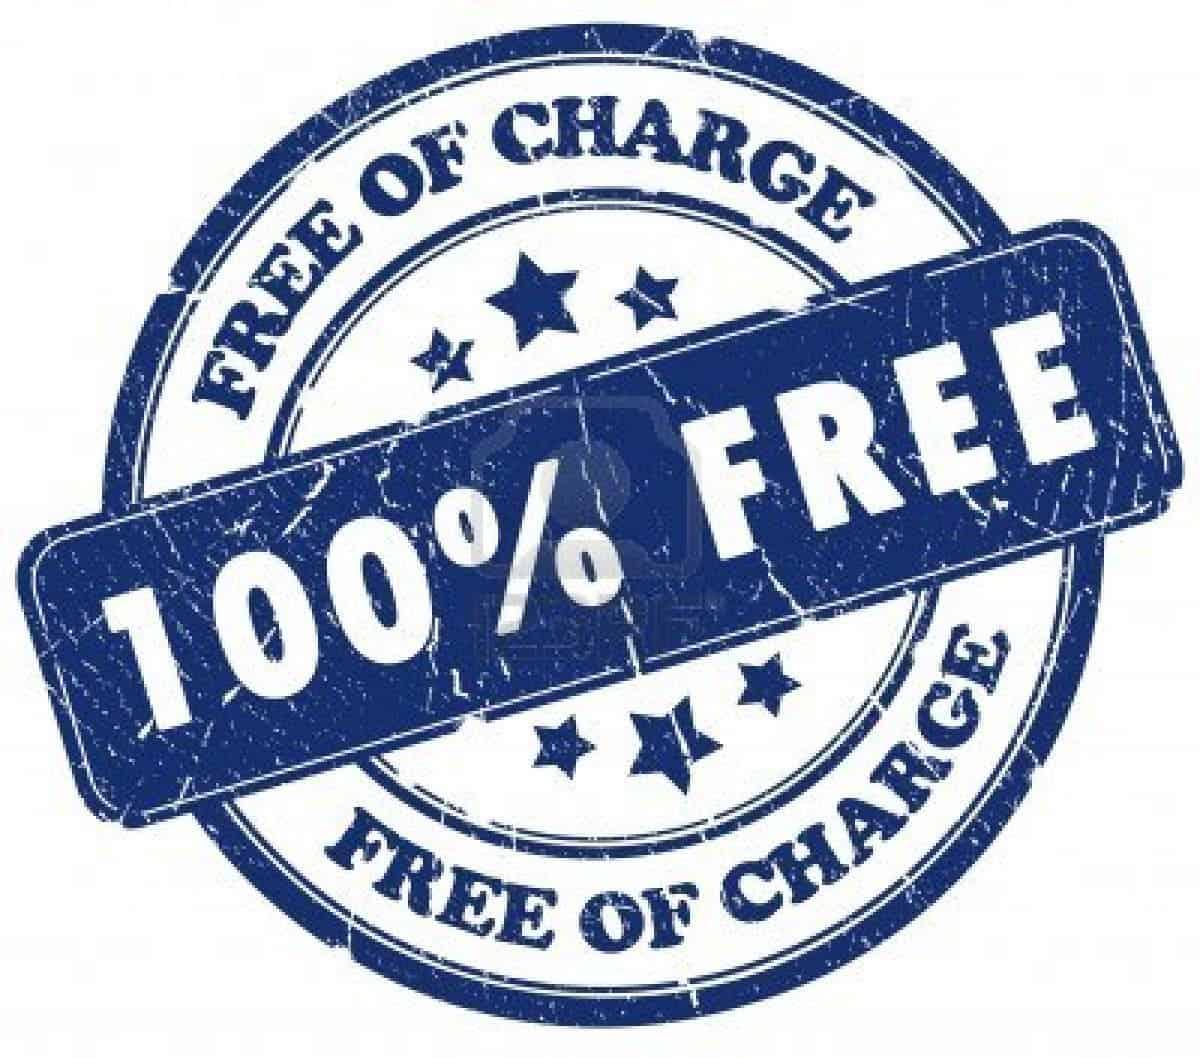 100% FREE VPNs